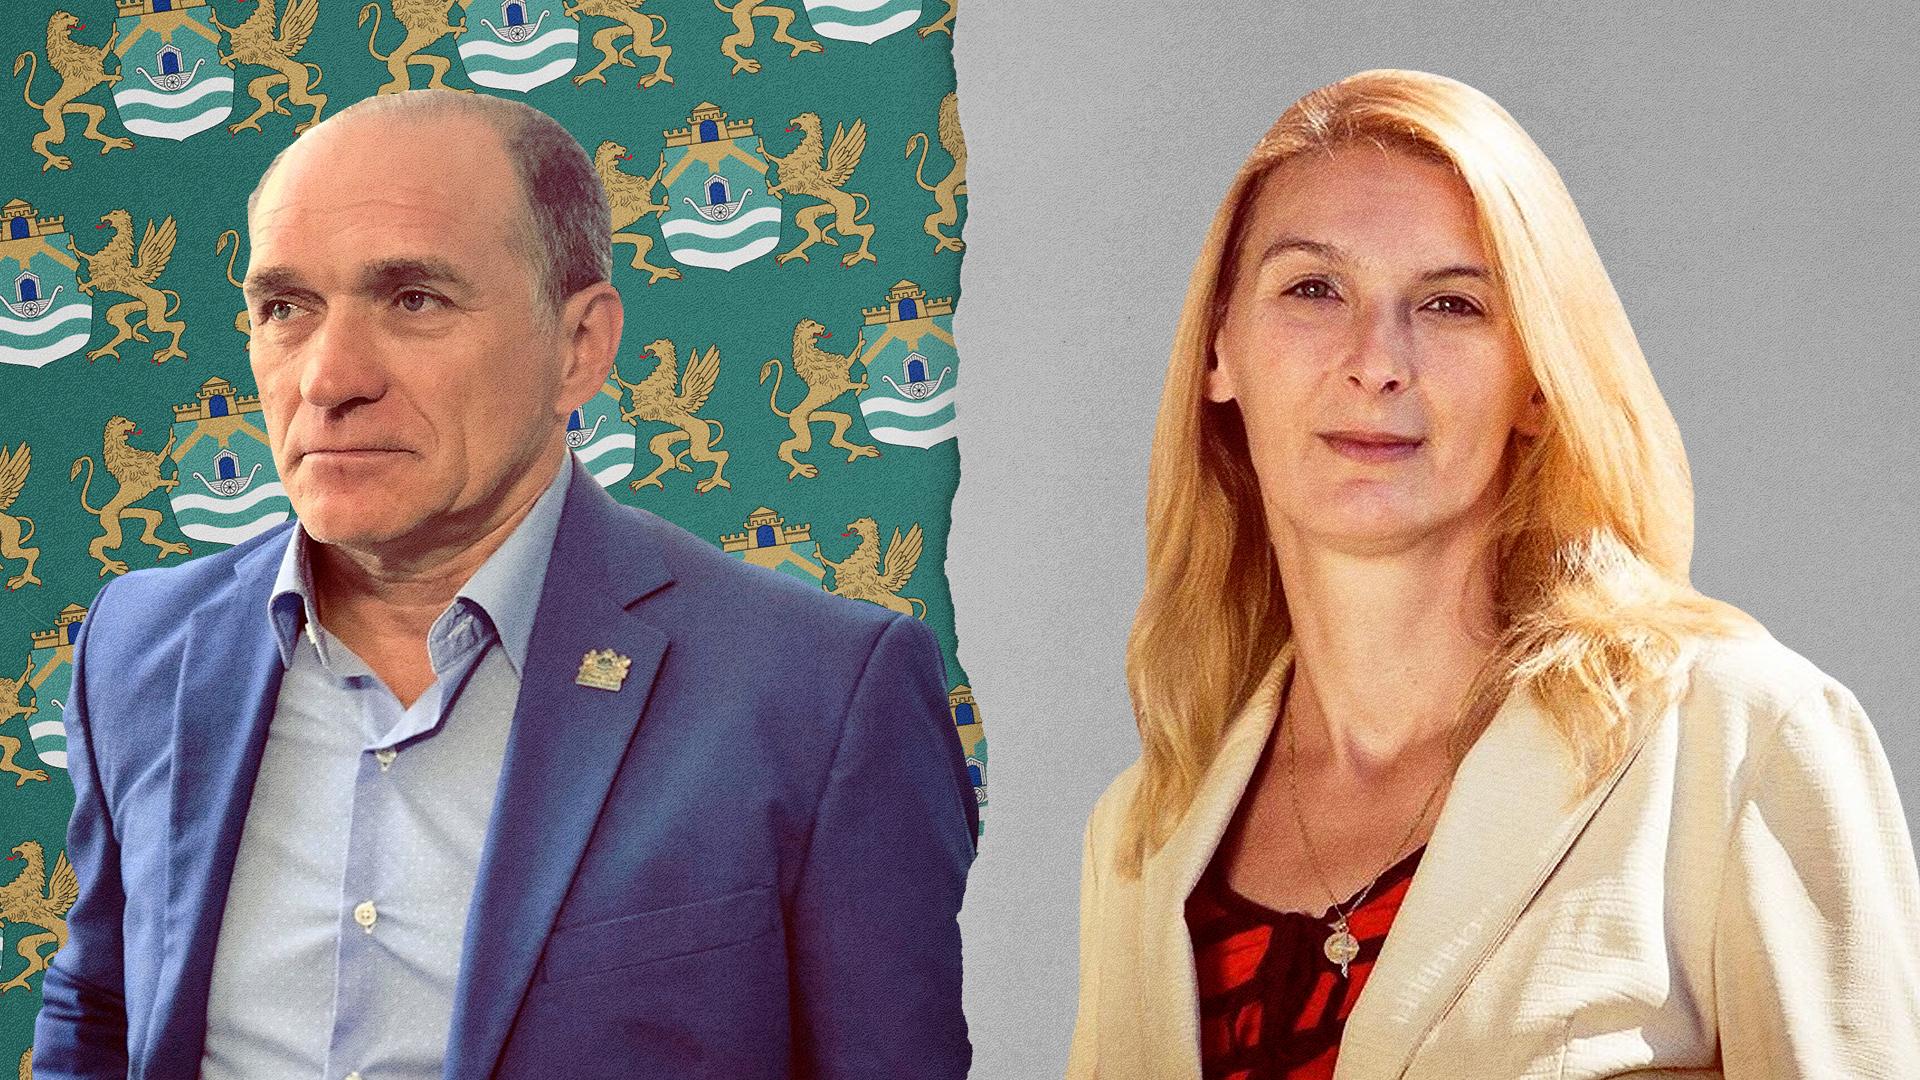 Baranyi Krisztina megnyerte a ferencvárosi választást